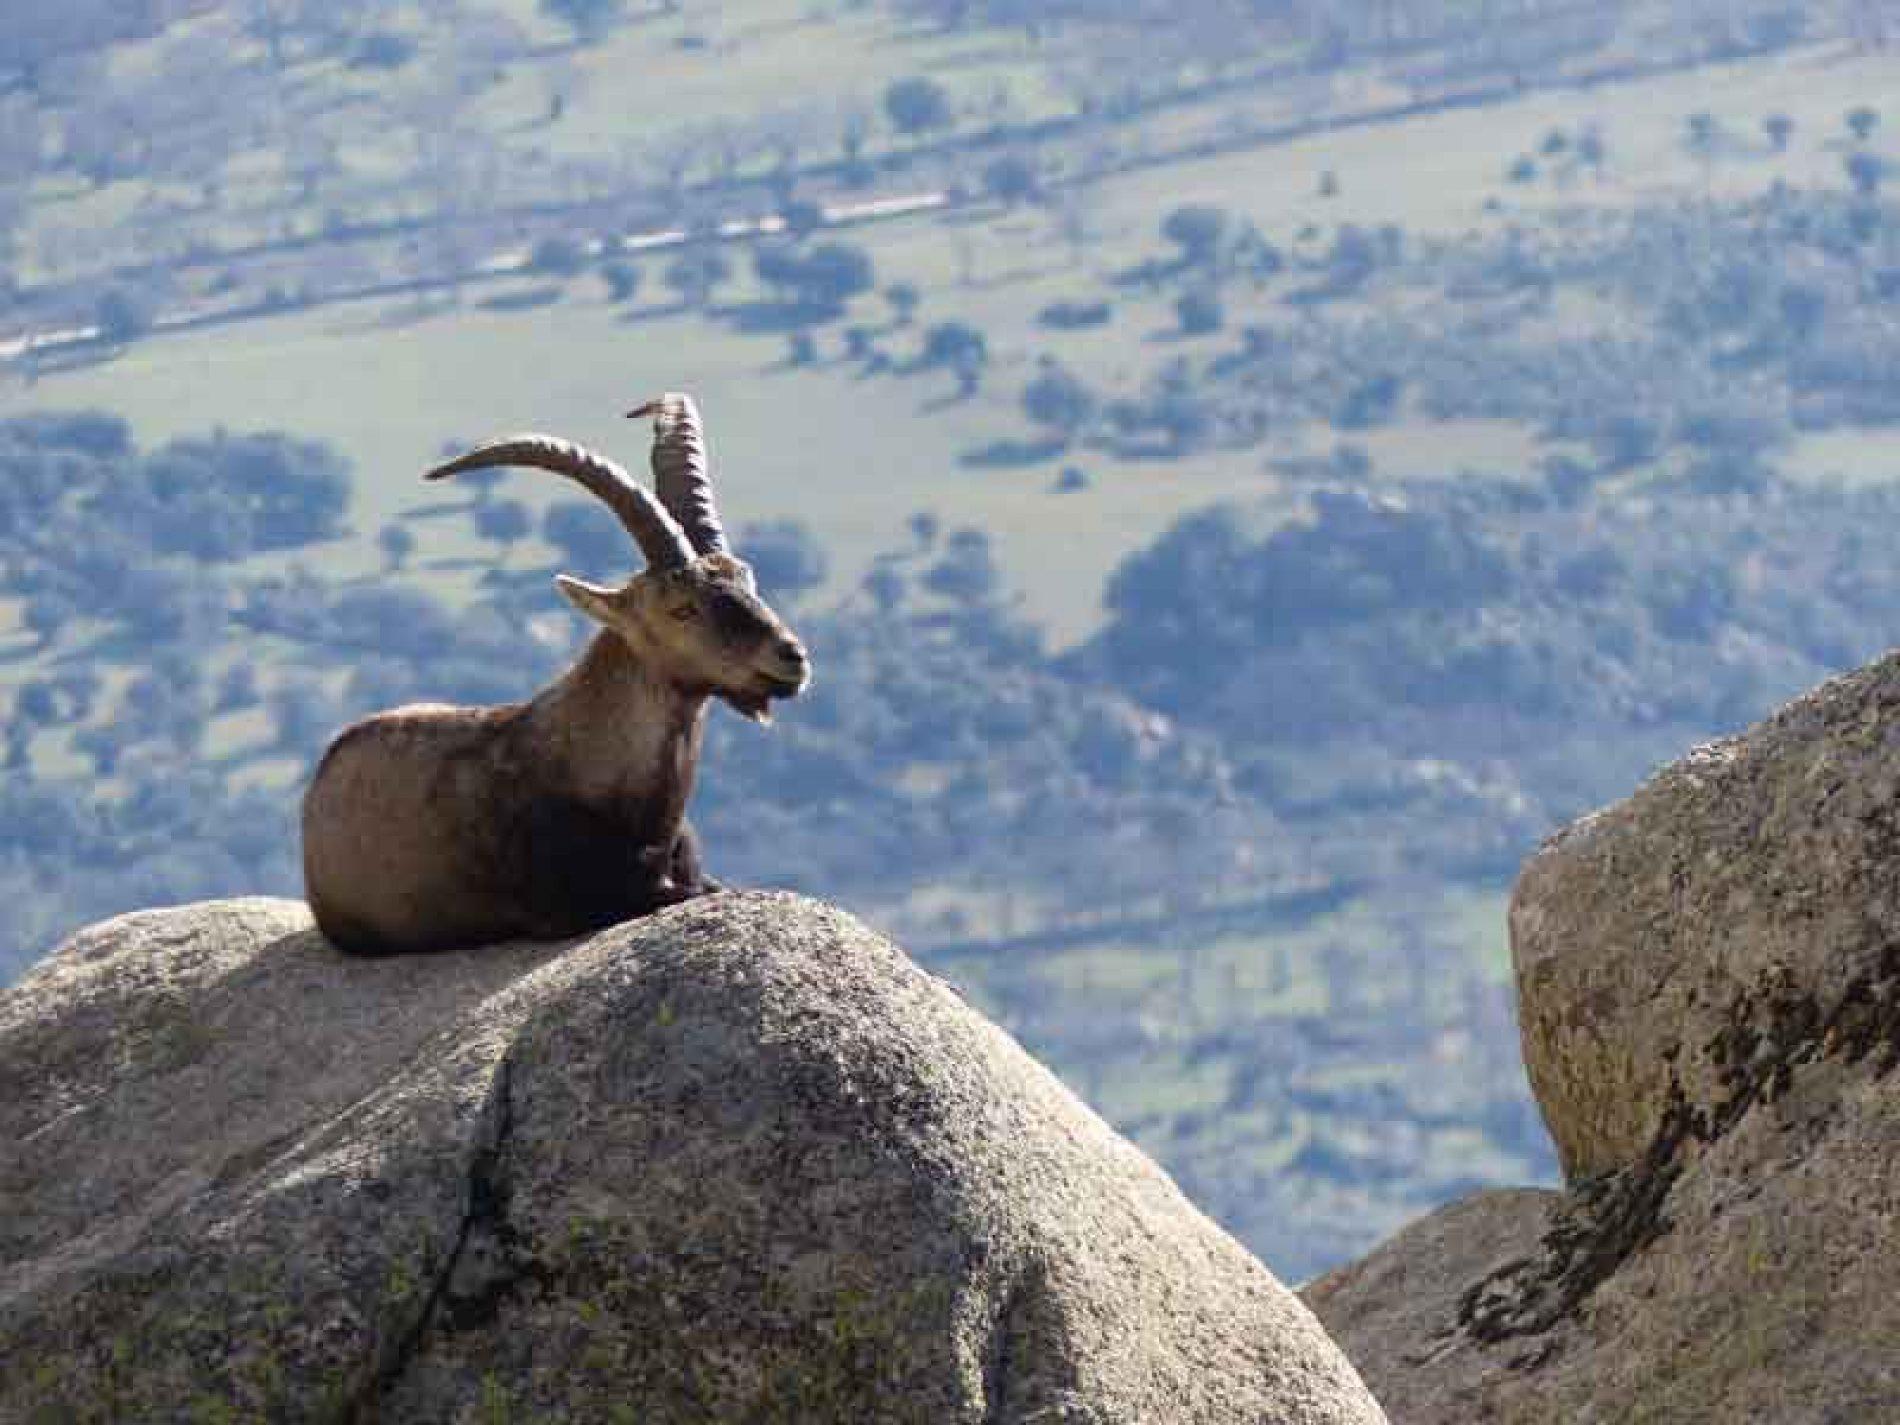 La ONC y ARTEMISAN contra PACMA por la caza de cabras en Guadarrama